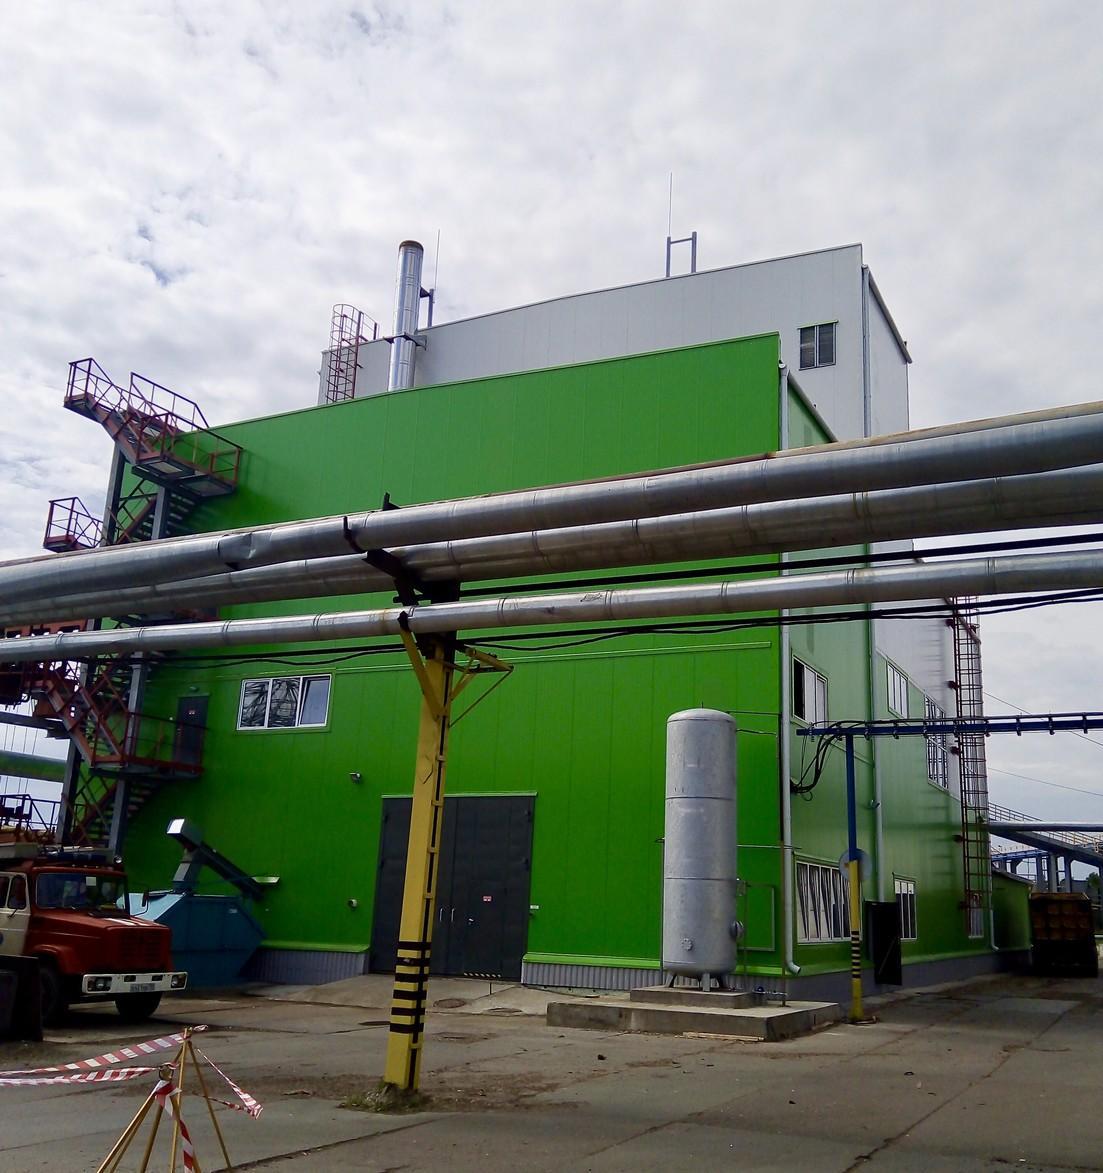 Российское предприятие построит котельную на термомасле вместо газа